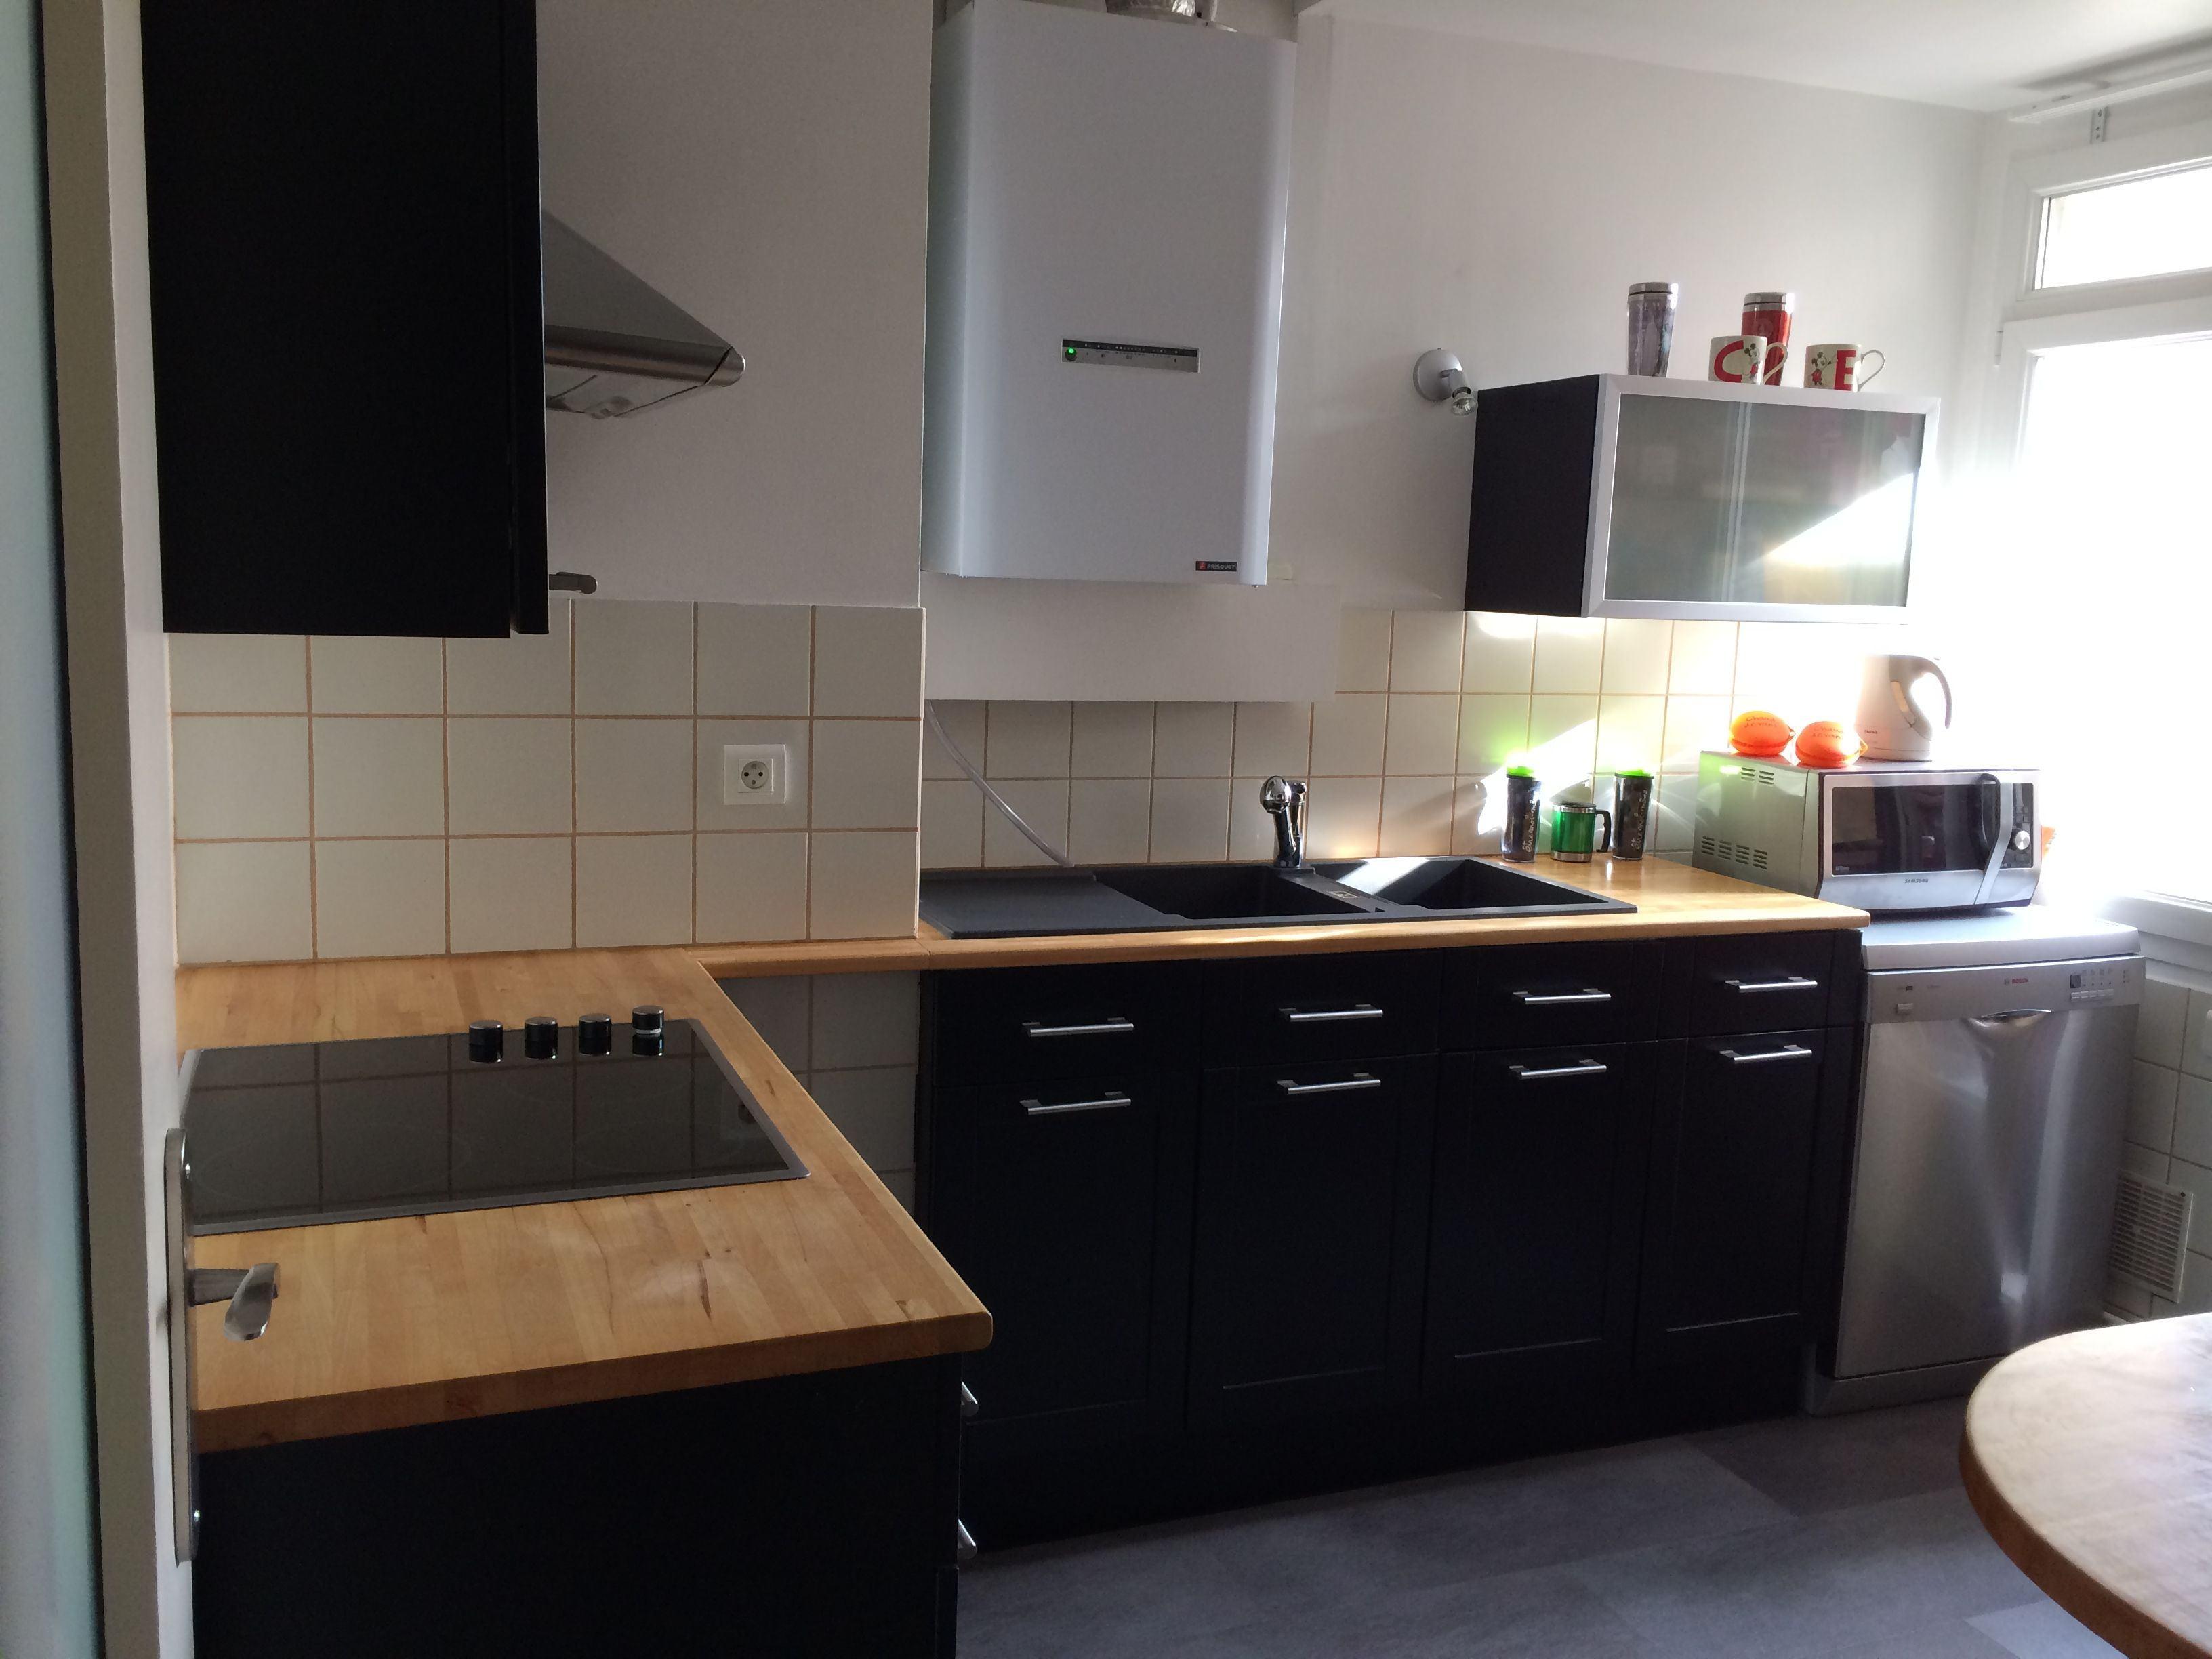 Béton Ciré Plan De Travail Cuisine Leroy Merlin Inspirant Image Inspirant Plan De Travail Cuisine Rustique Décor  La Maison Et